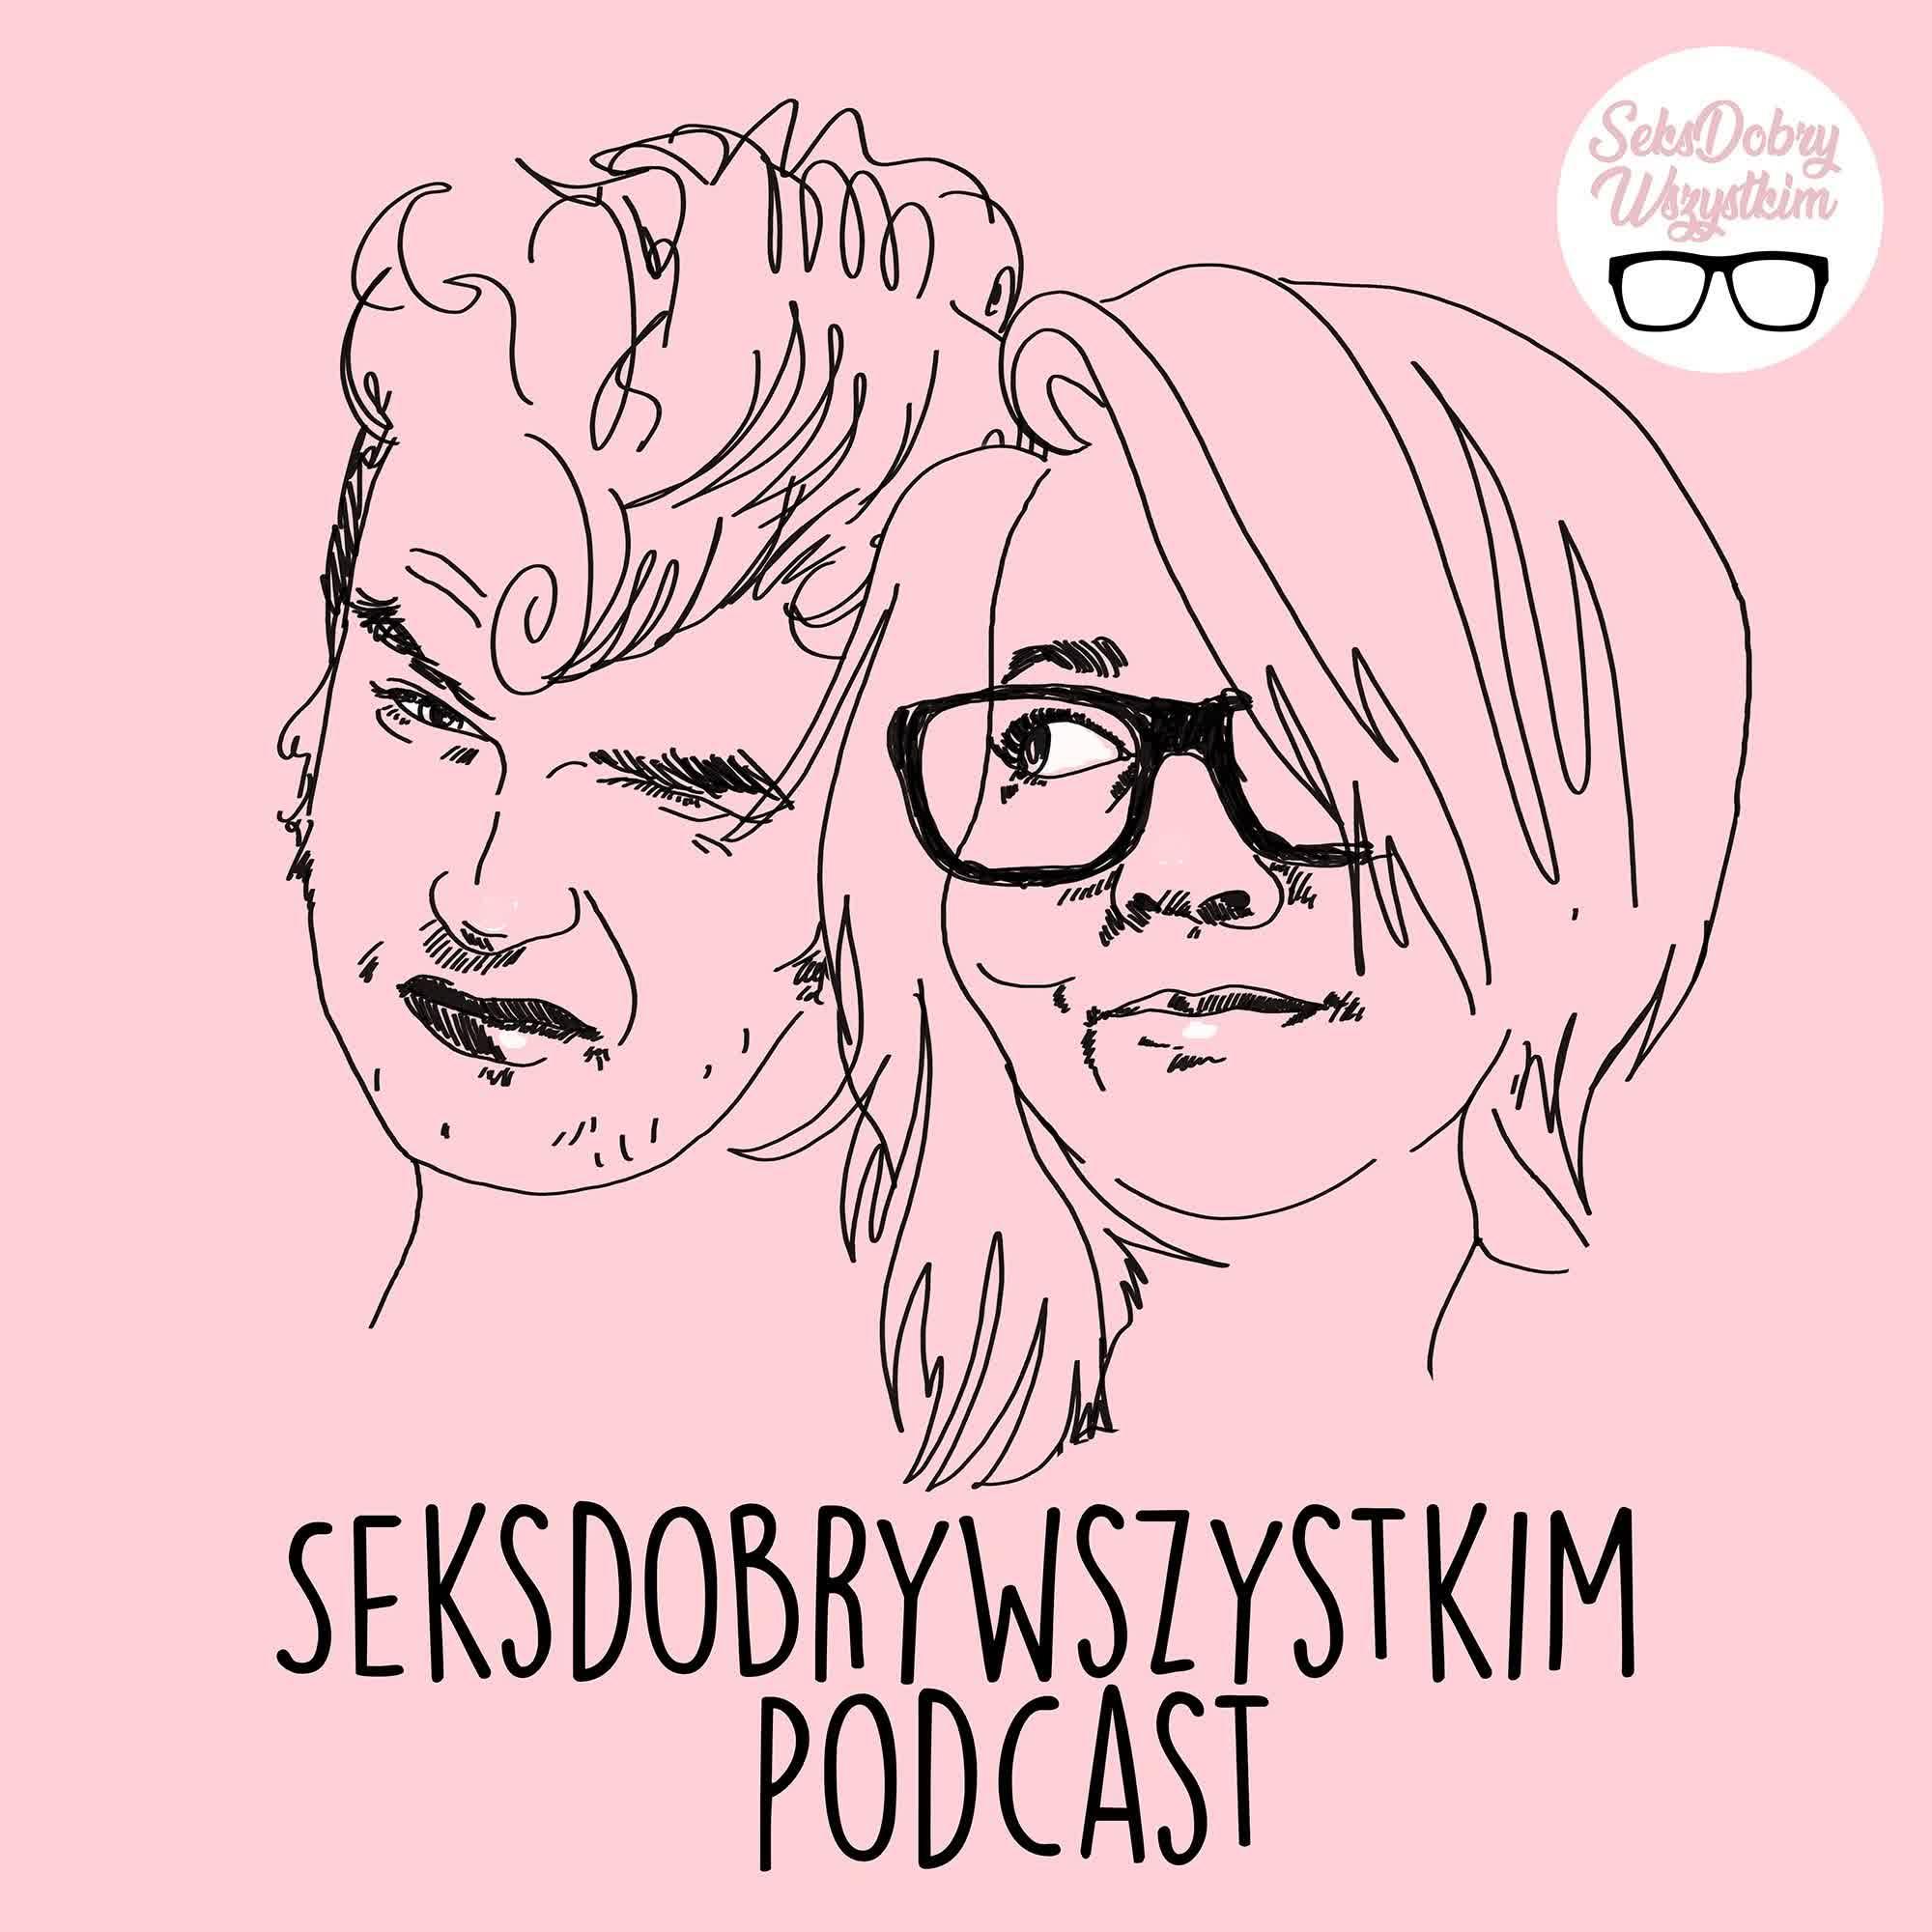 #35 Seksdobrywszystkim Test języków miłości - S02 E5